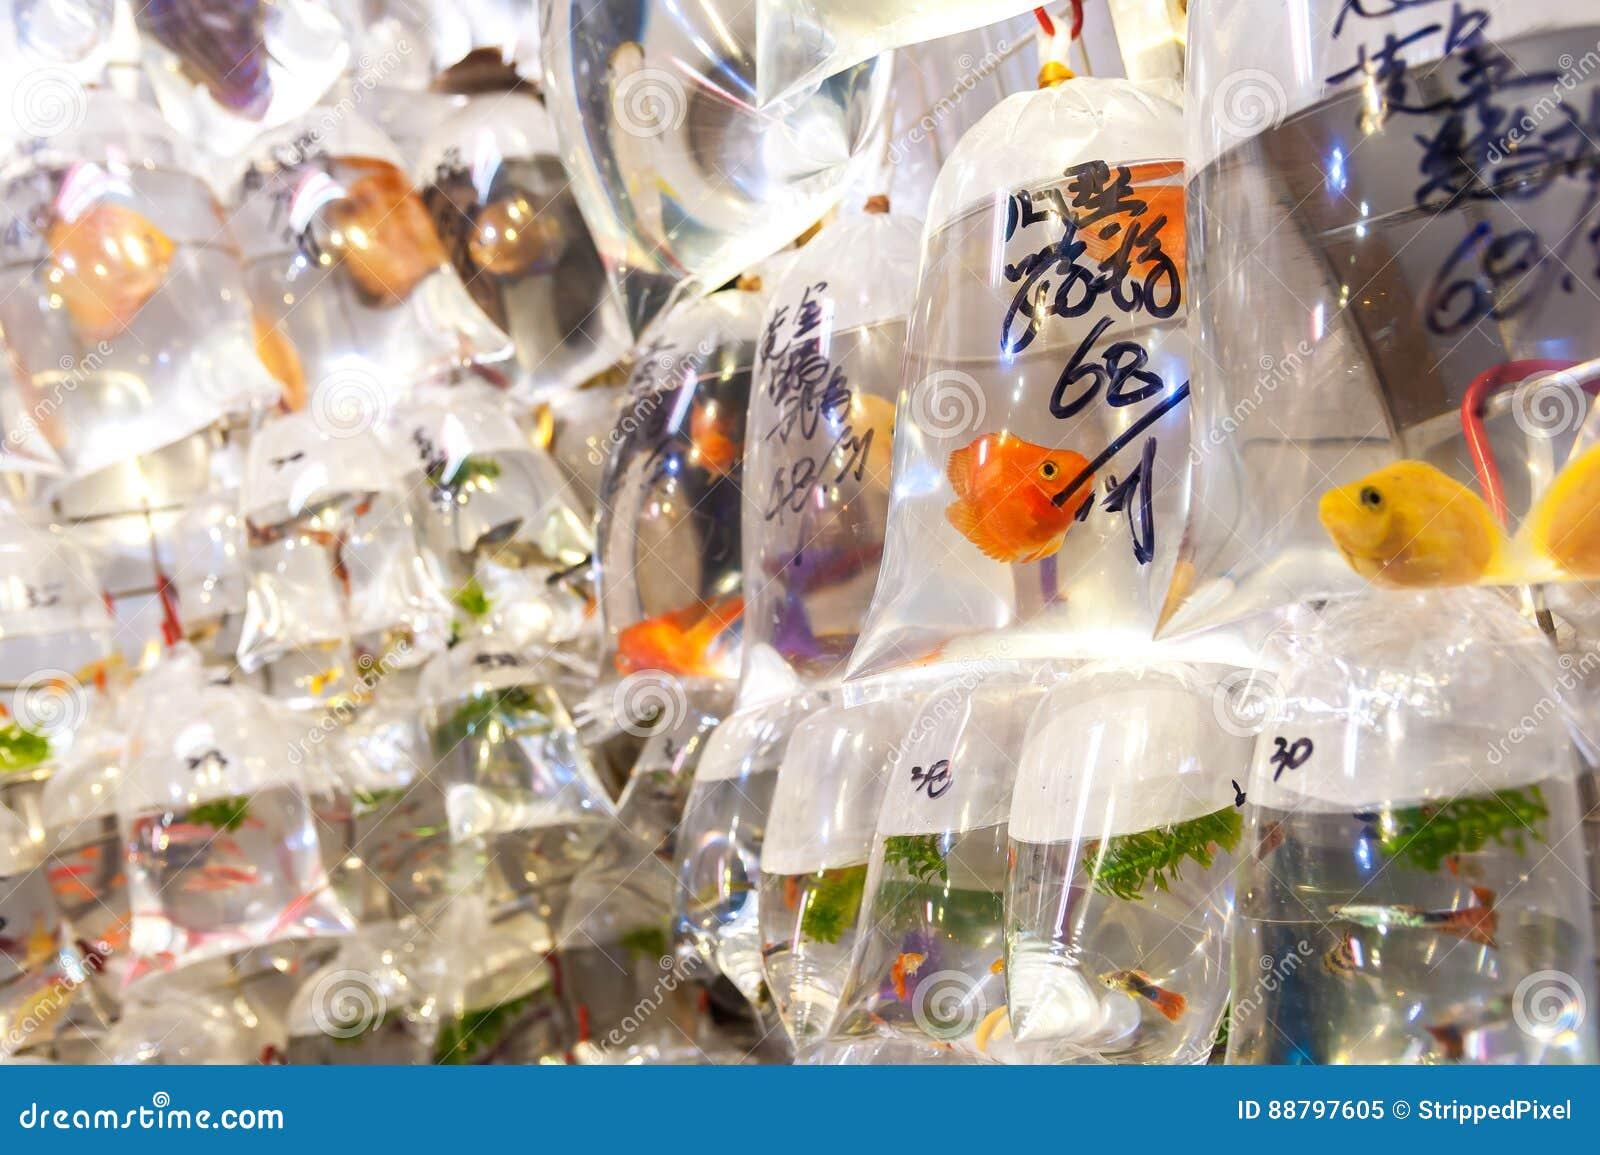 La ejecución tropical de los pescados en las bolsas de plástico en Tung Choi Street va